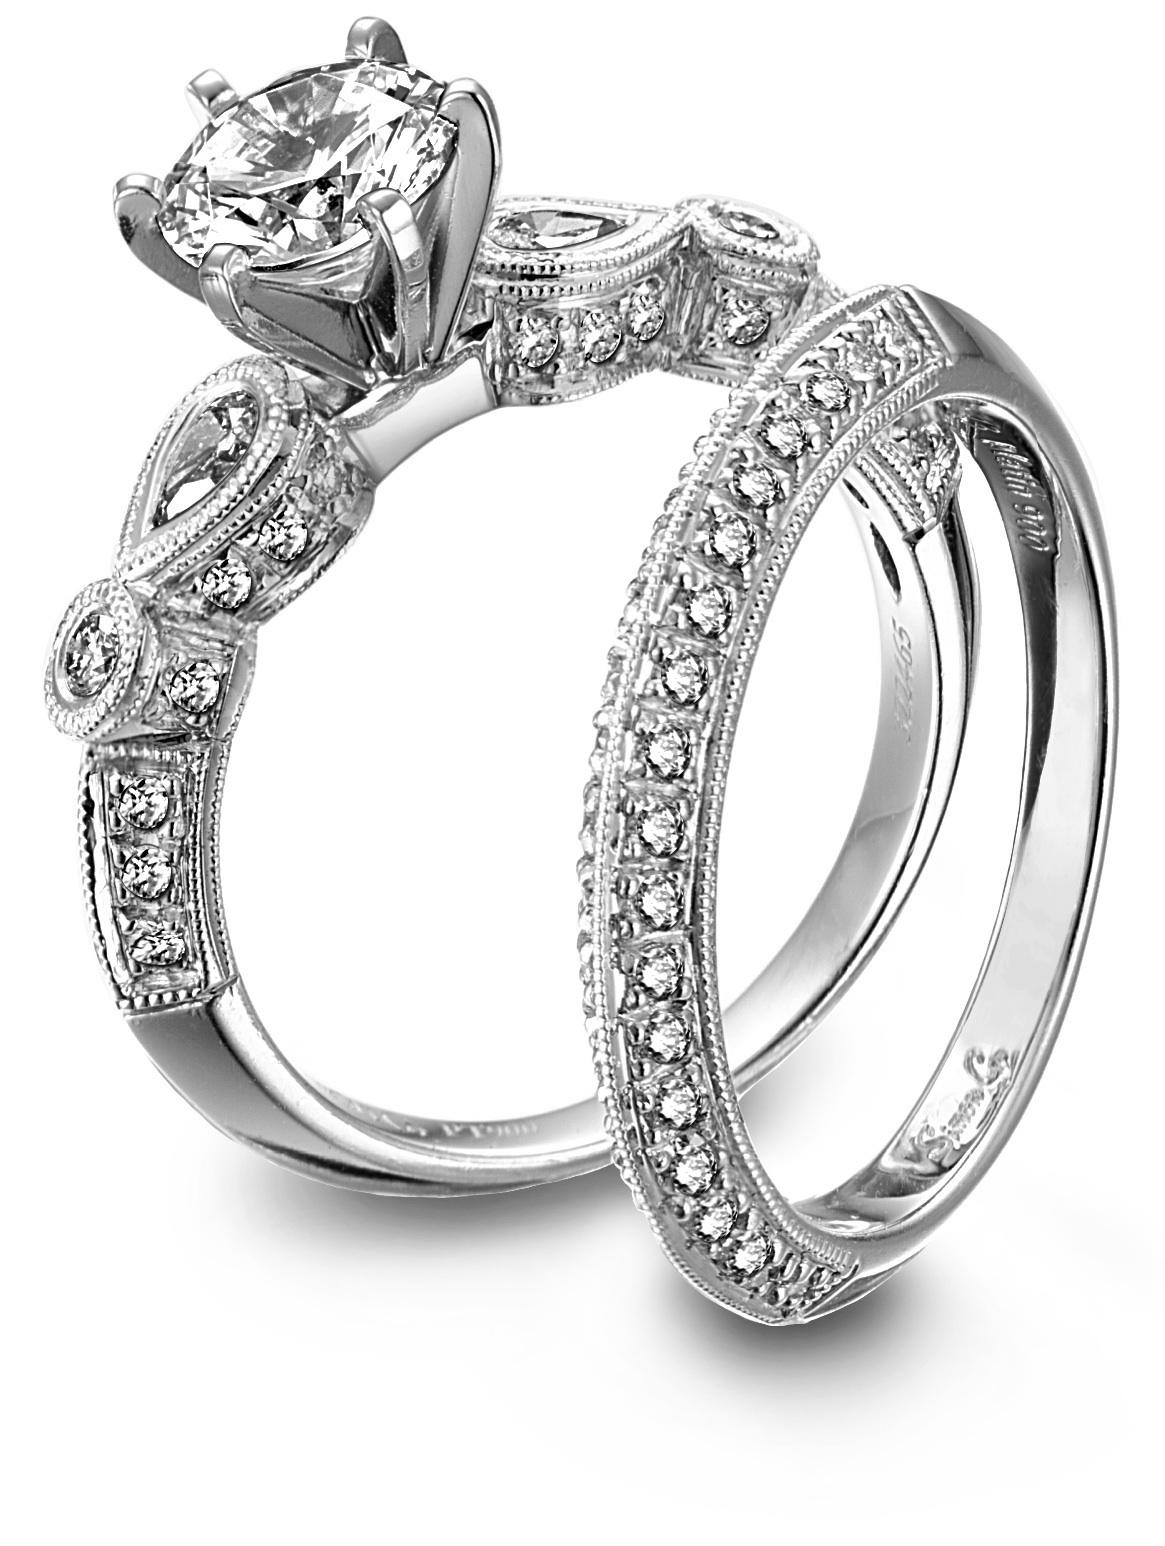 engagement rings with wedding band set wedding ring with band Diamond Engagement Ring And Wedding Band Set rusticsharabookscom